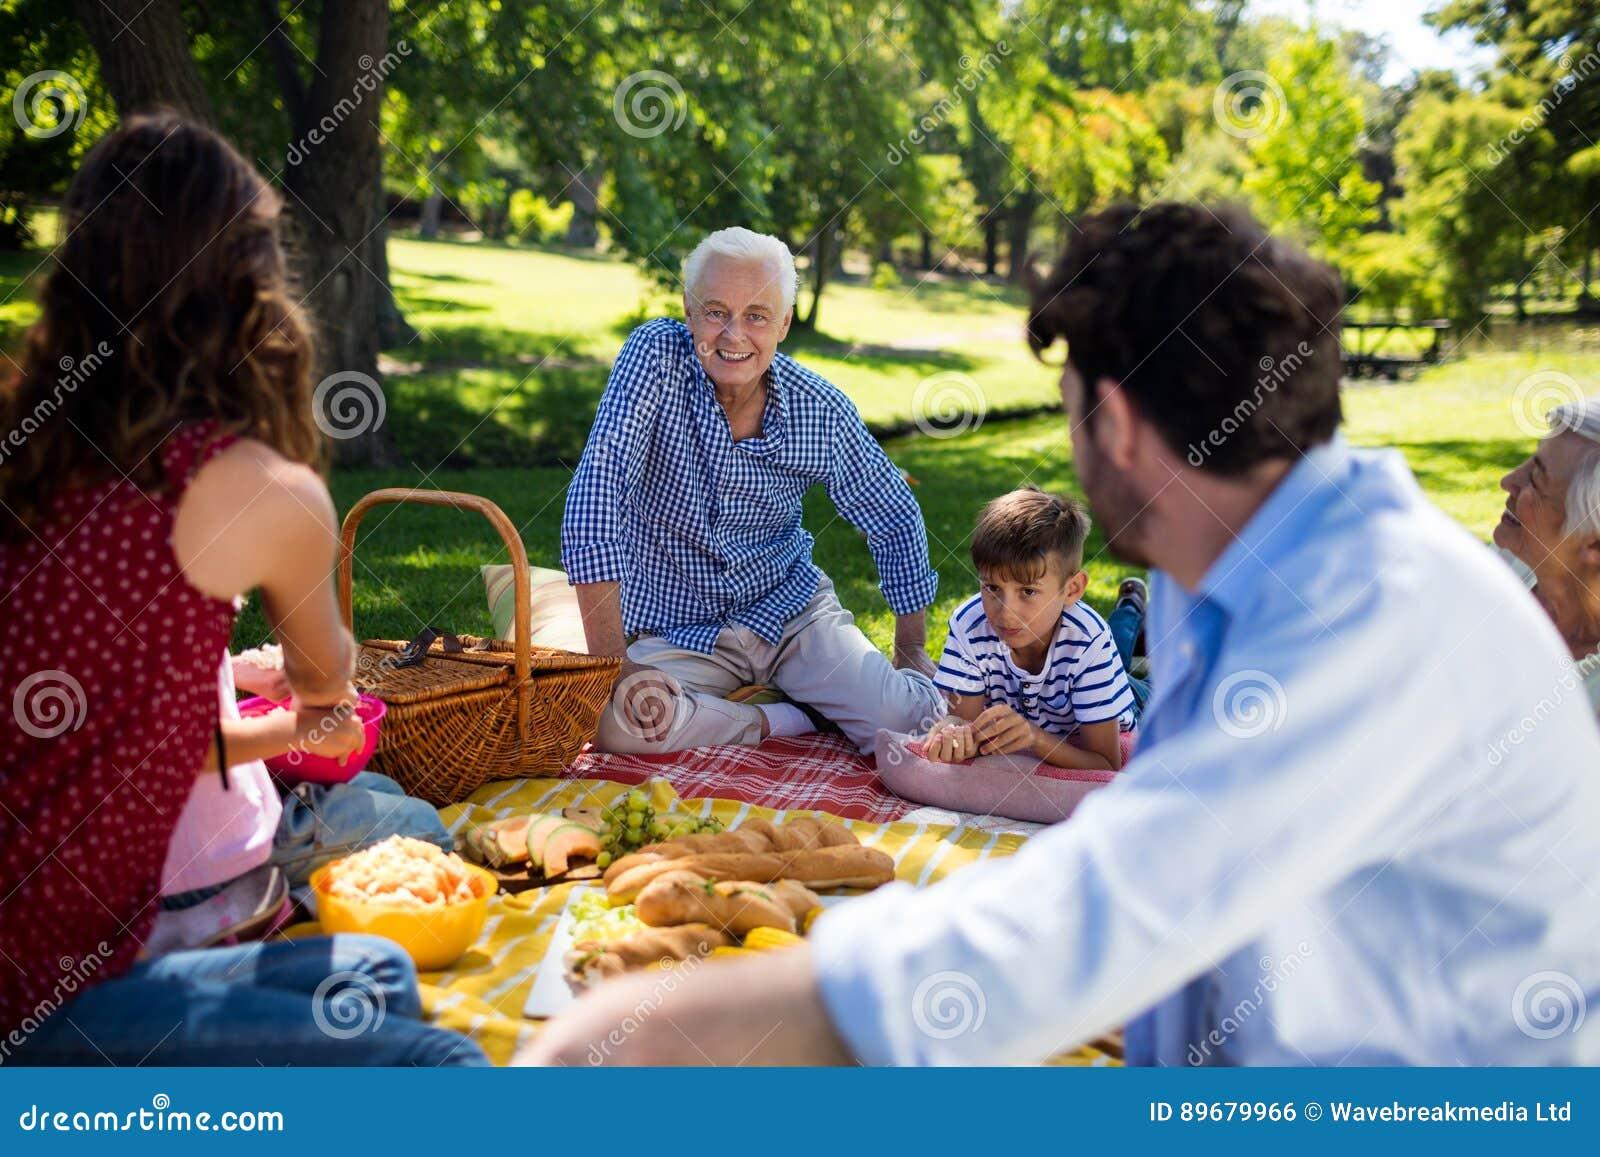 享受野餐的多一代家庭在公园